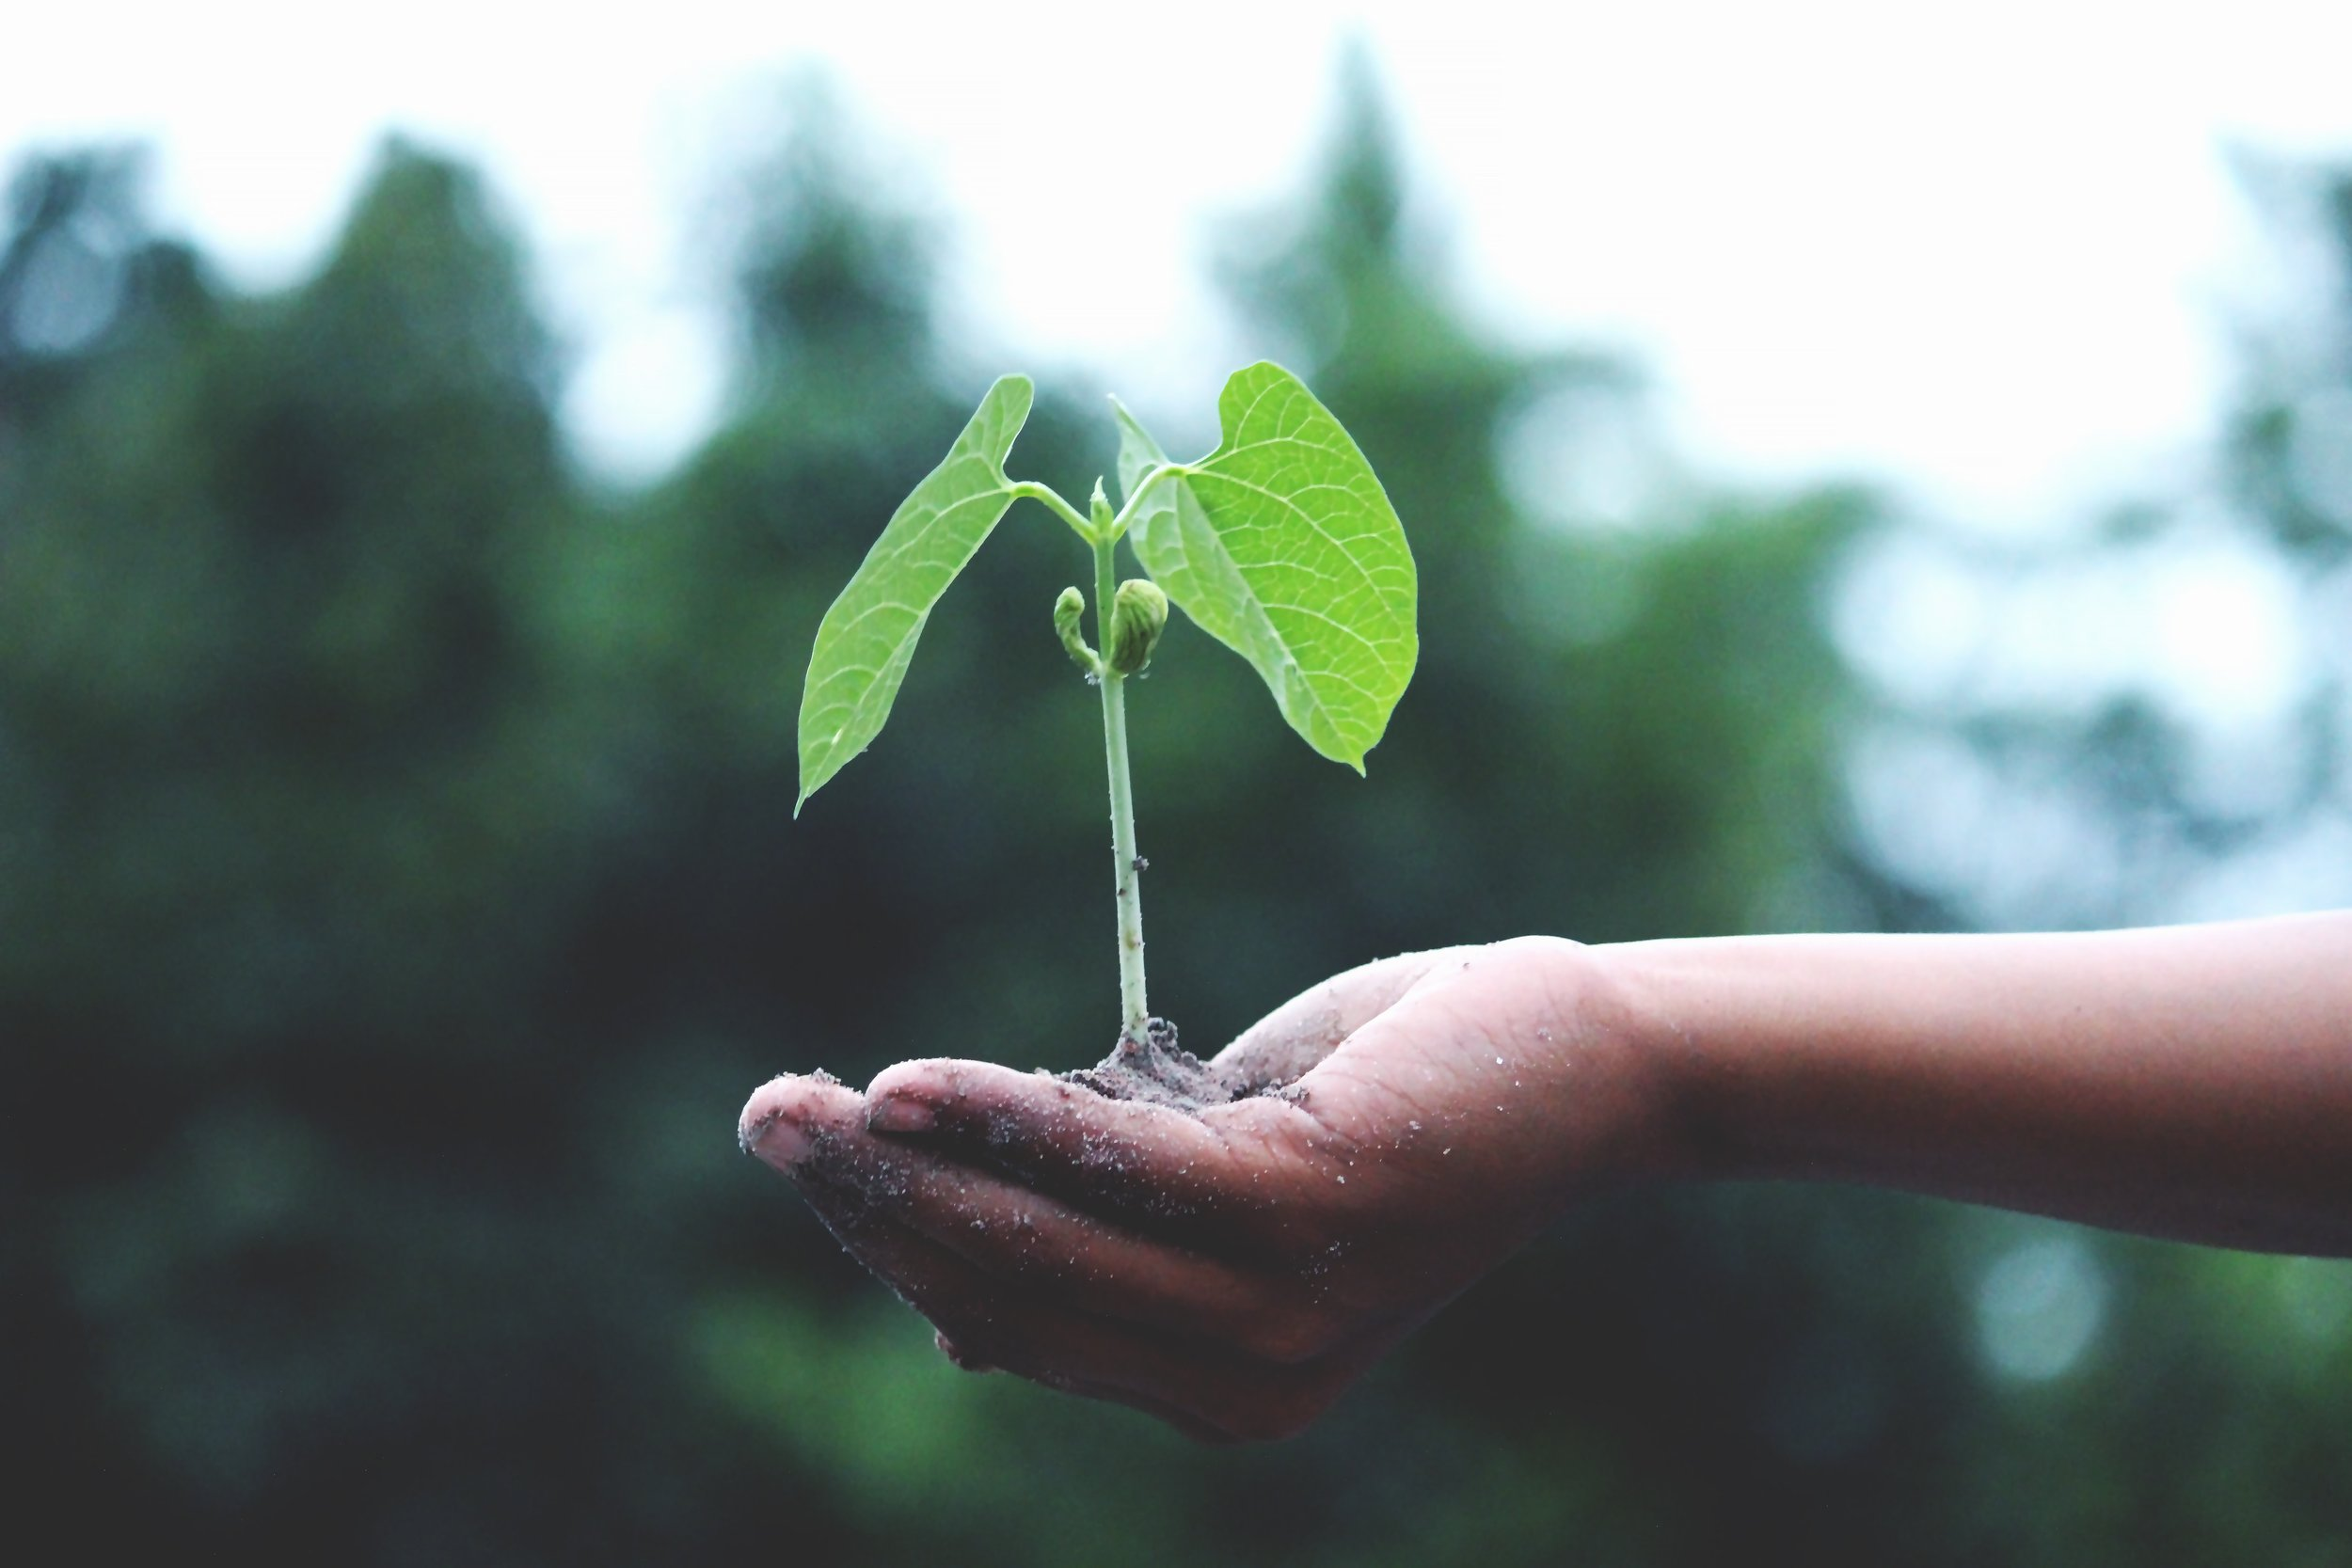 Crecimiento orgánico - Si bien es una estrategia parcialmente necesaria, si se abusa puede caerse en el dilema del fundador: